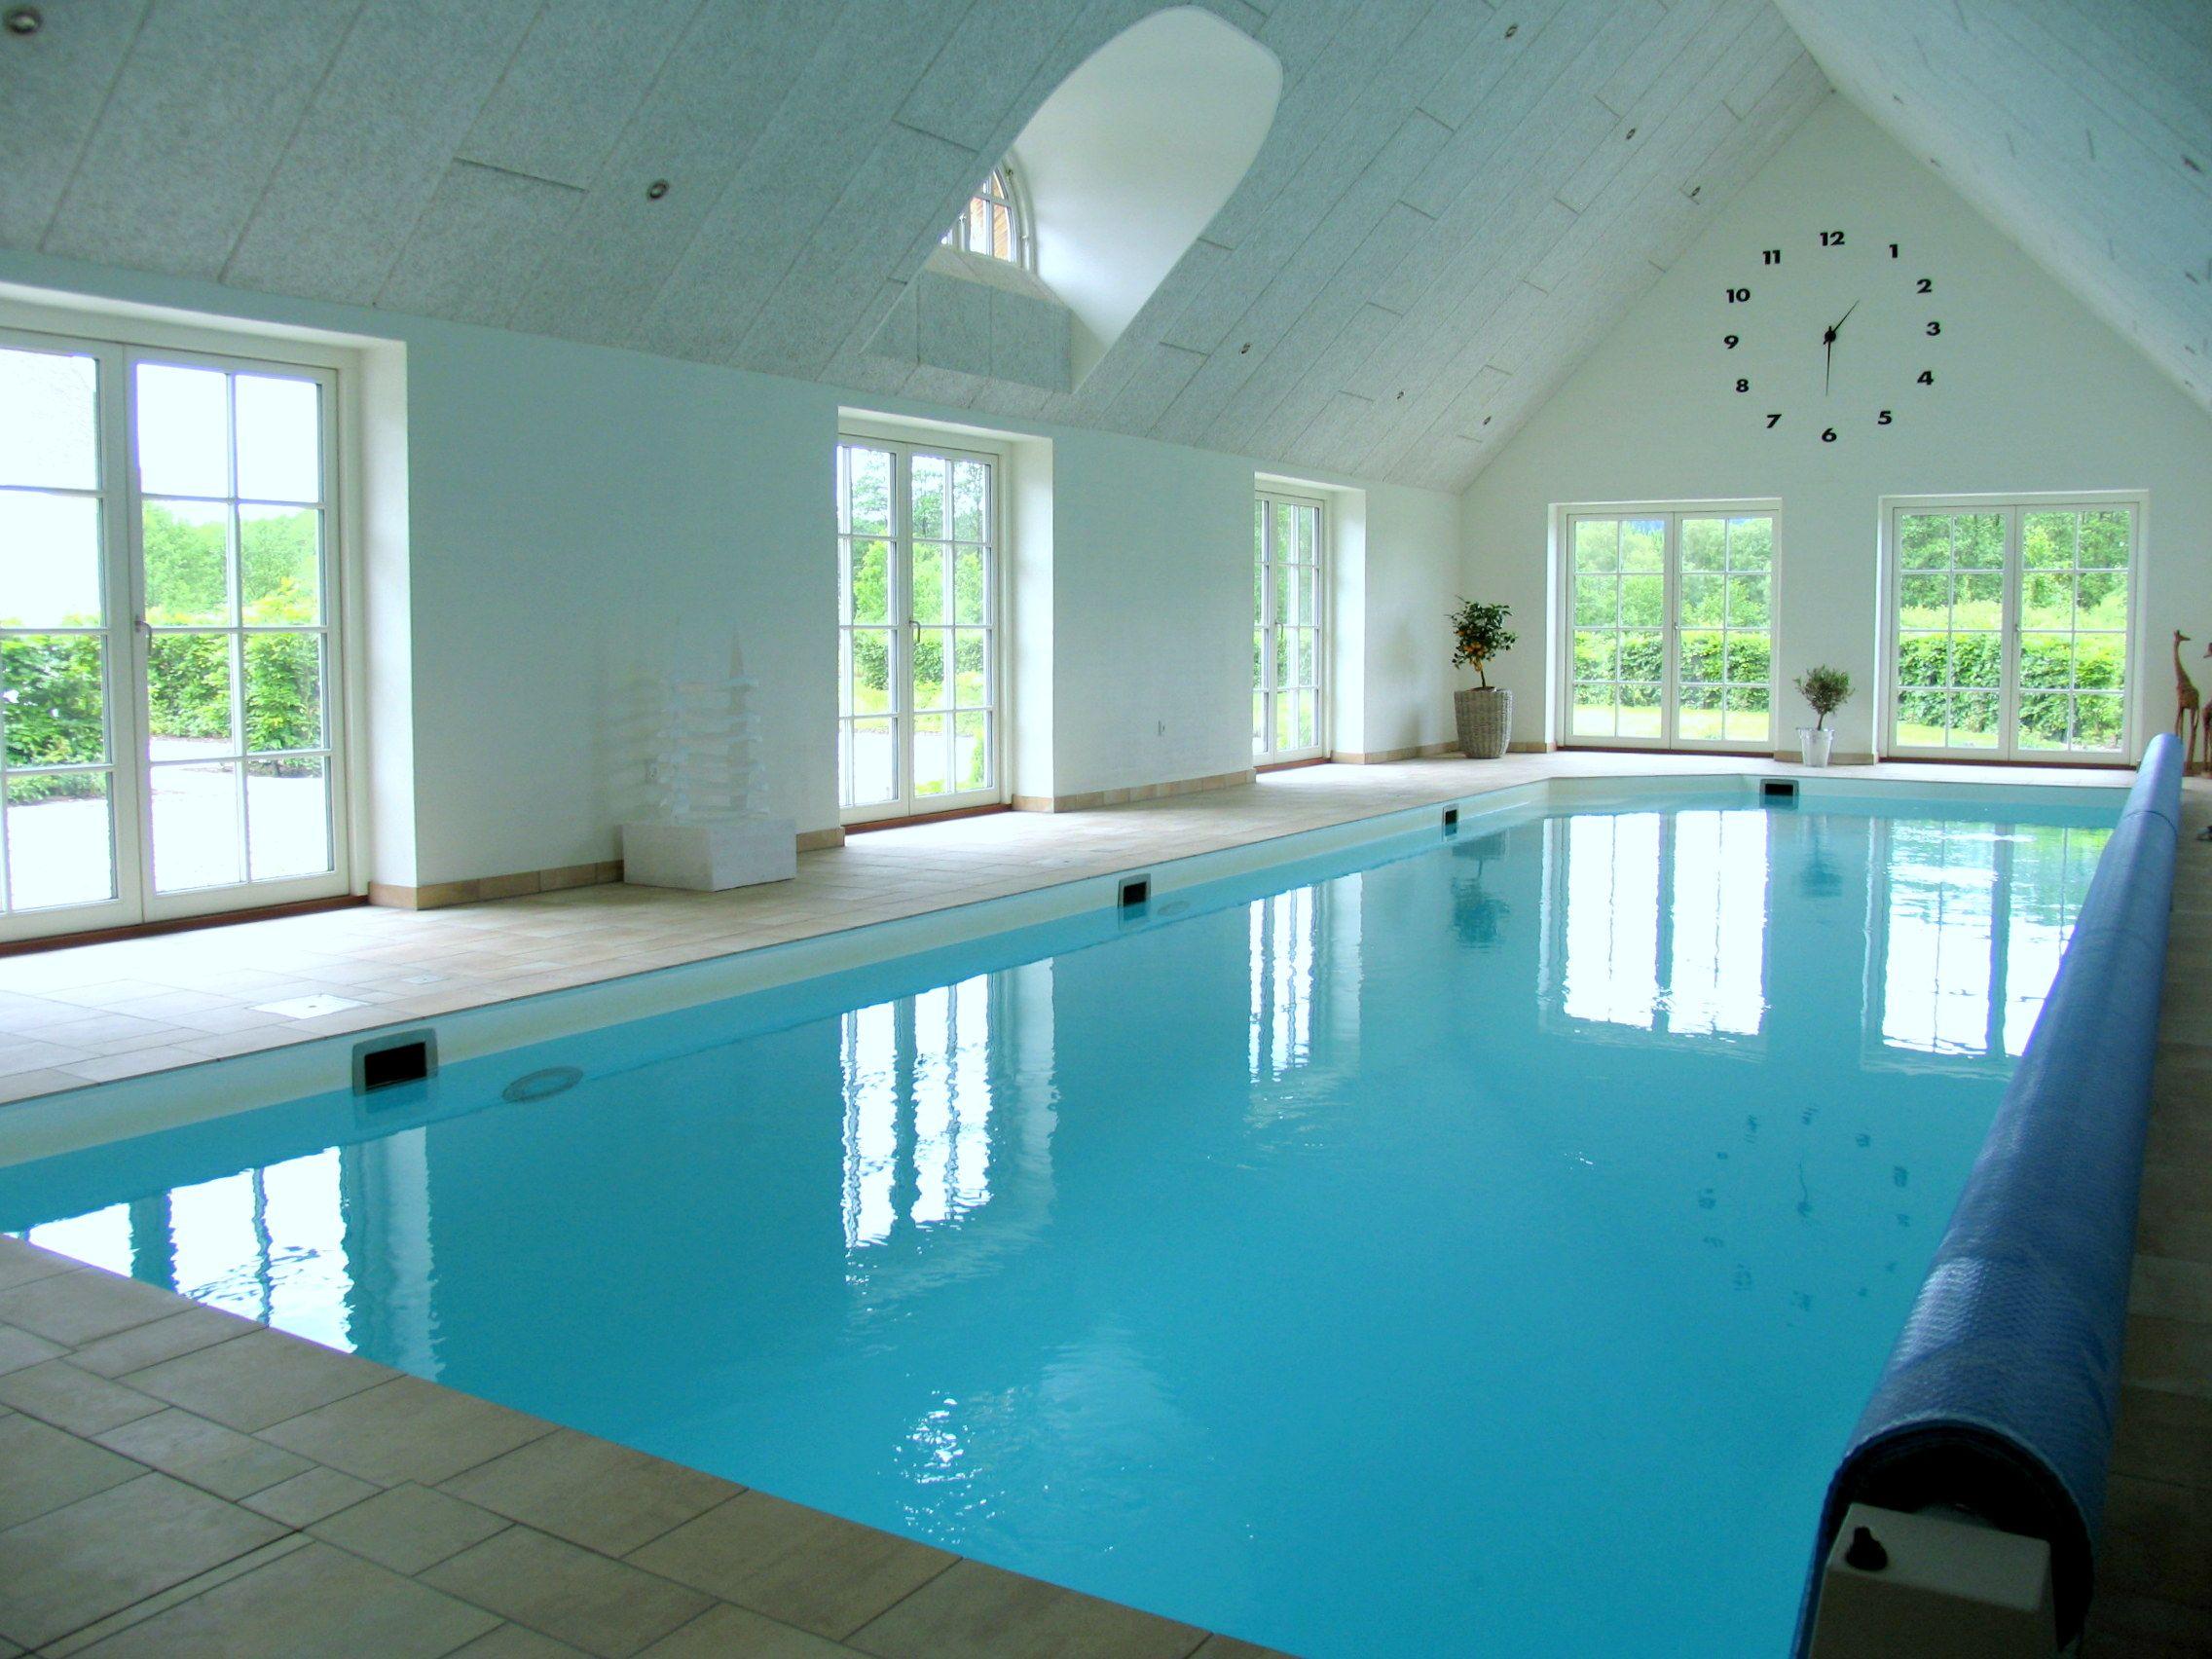 privat indend rs sv mmebassin rypool indoor pool pinterest piscines abri piscine et. Black Bedroom Furniture Sets. Home Design Ideas